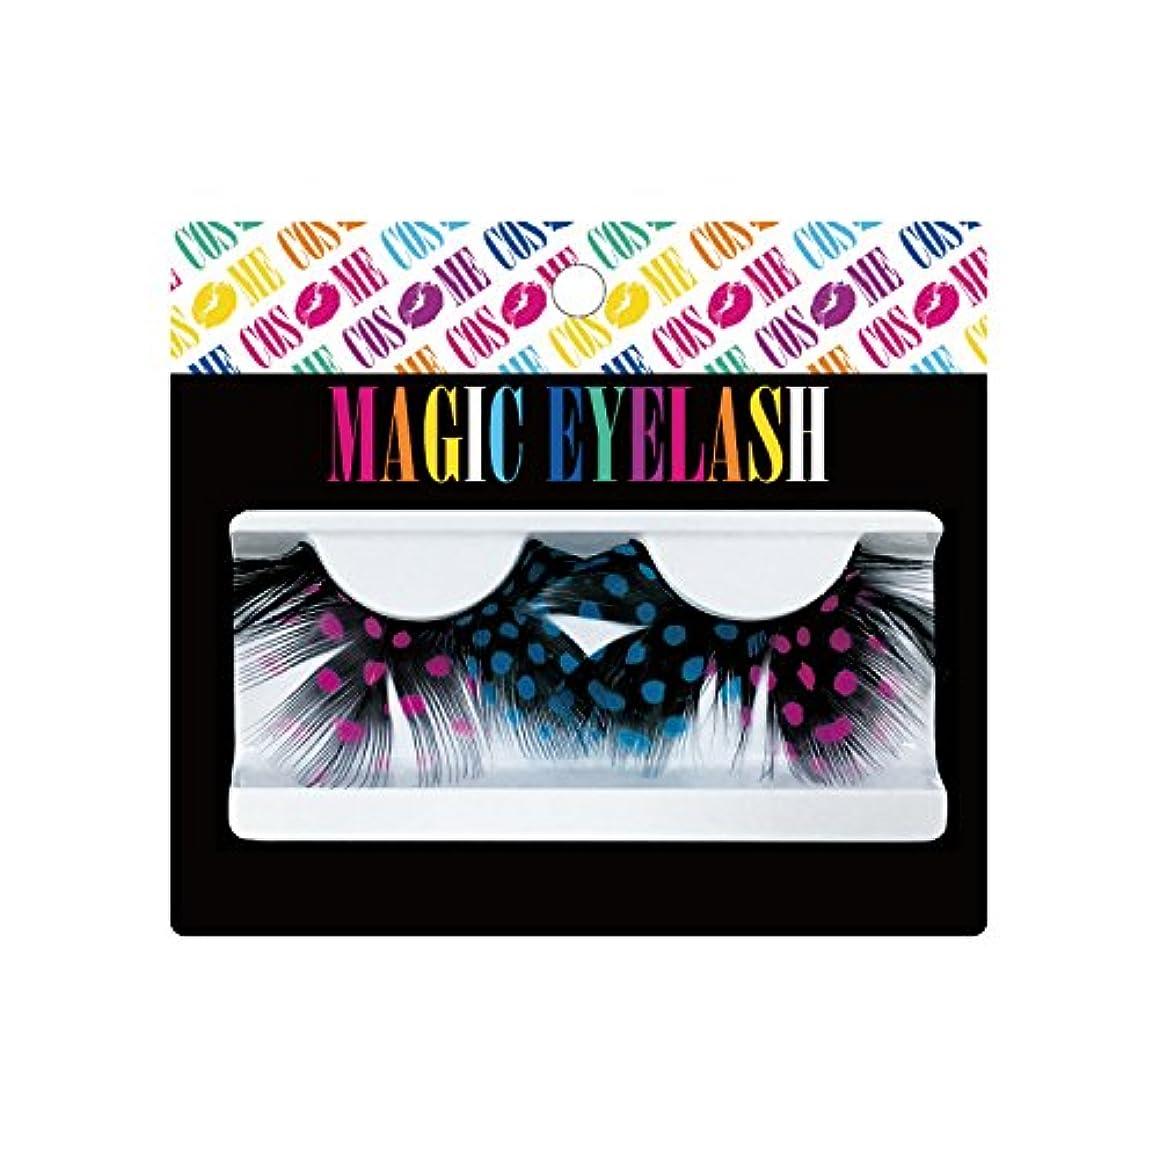 プラットフォームがっかりする保護ピュア つけまつげ MAGIC EYELASH マジック アイラッシュ #8